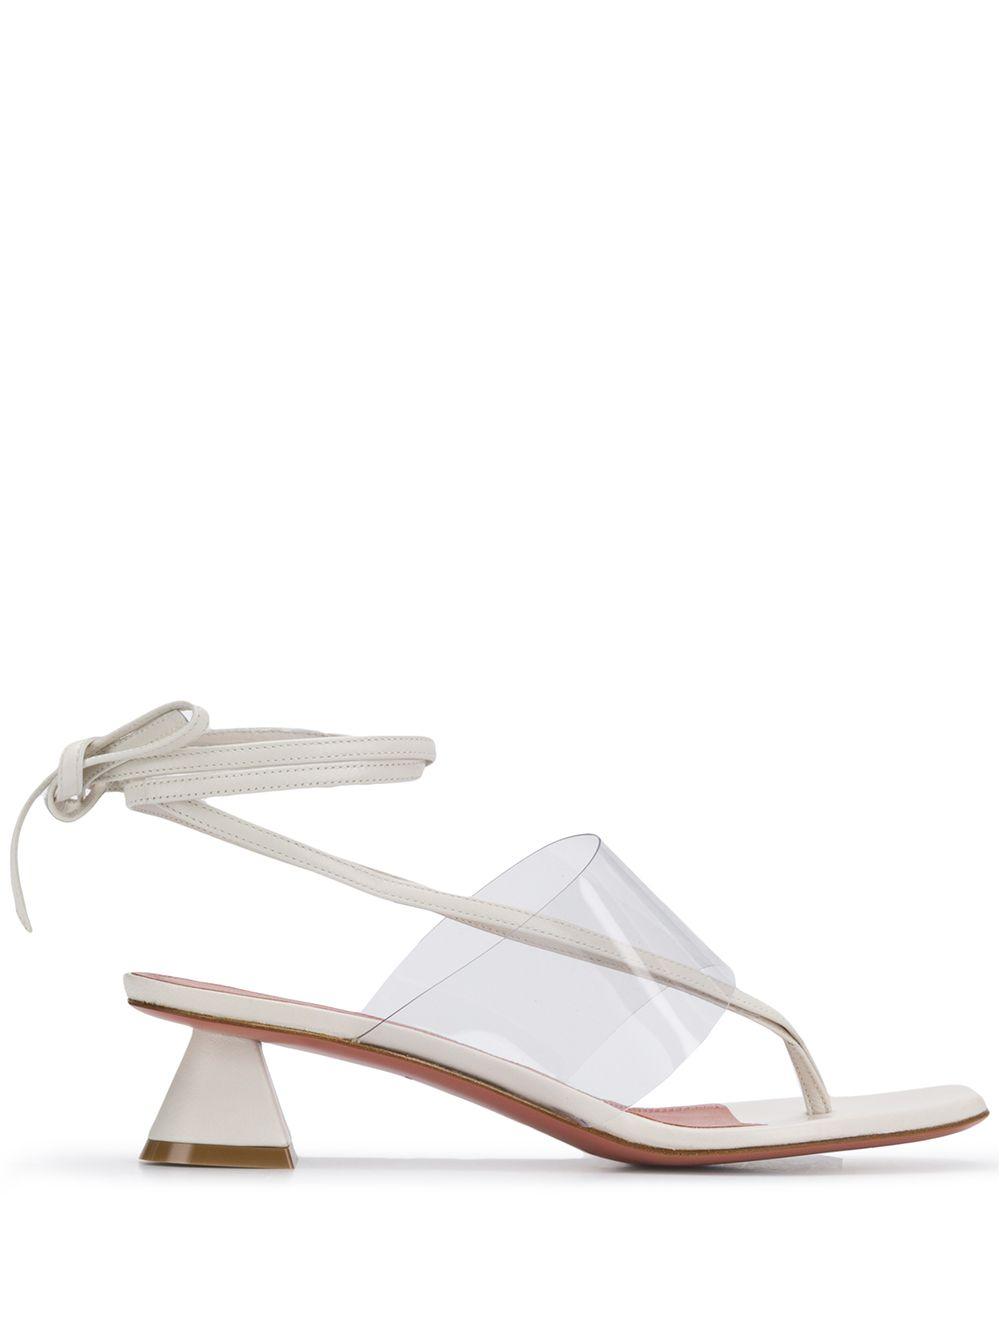 Zula Sandals